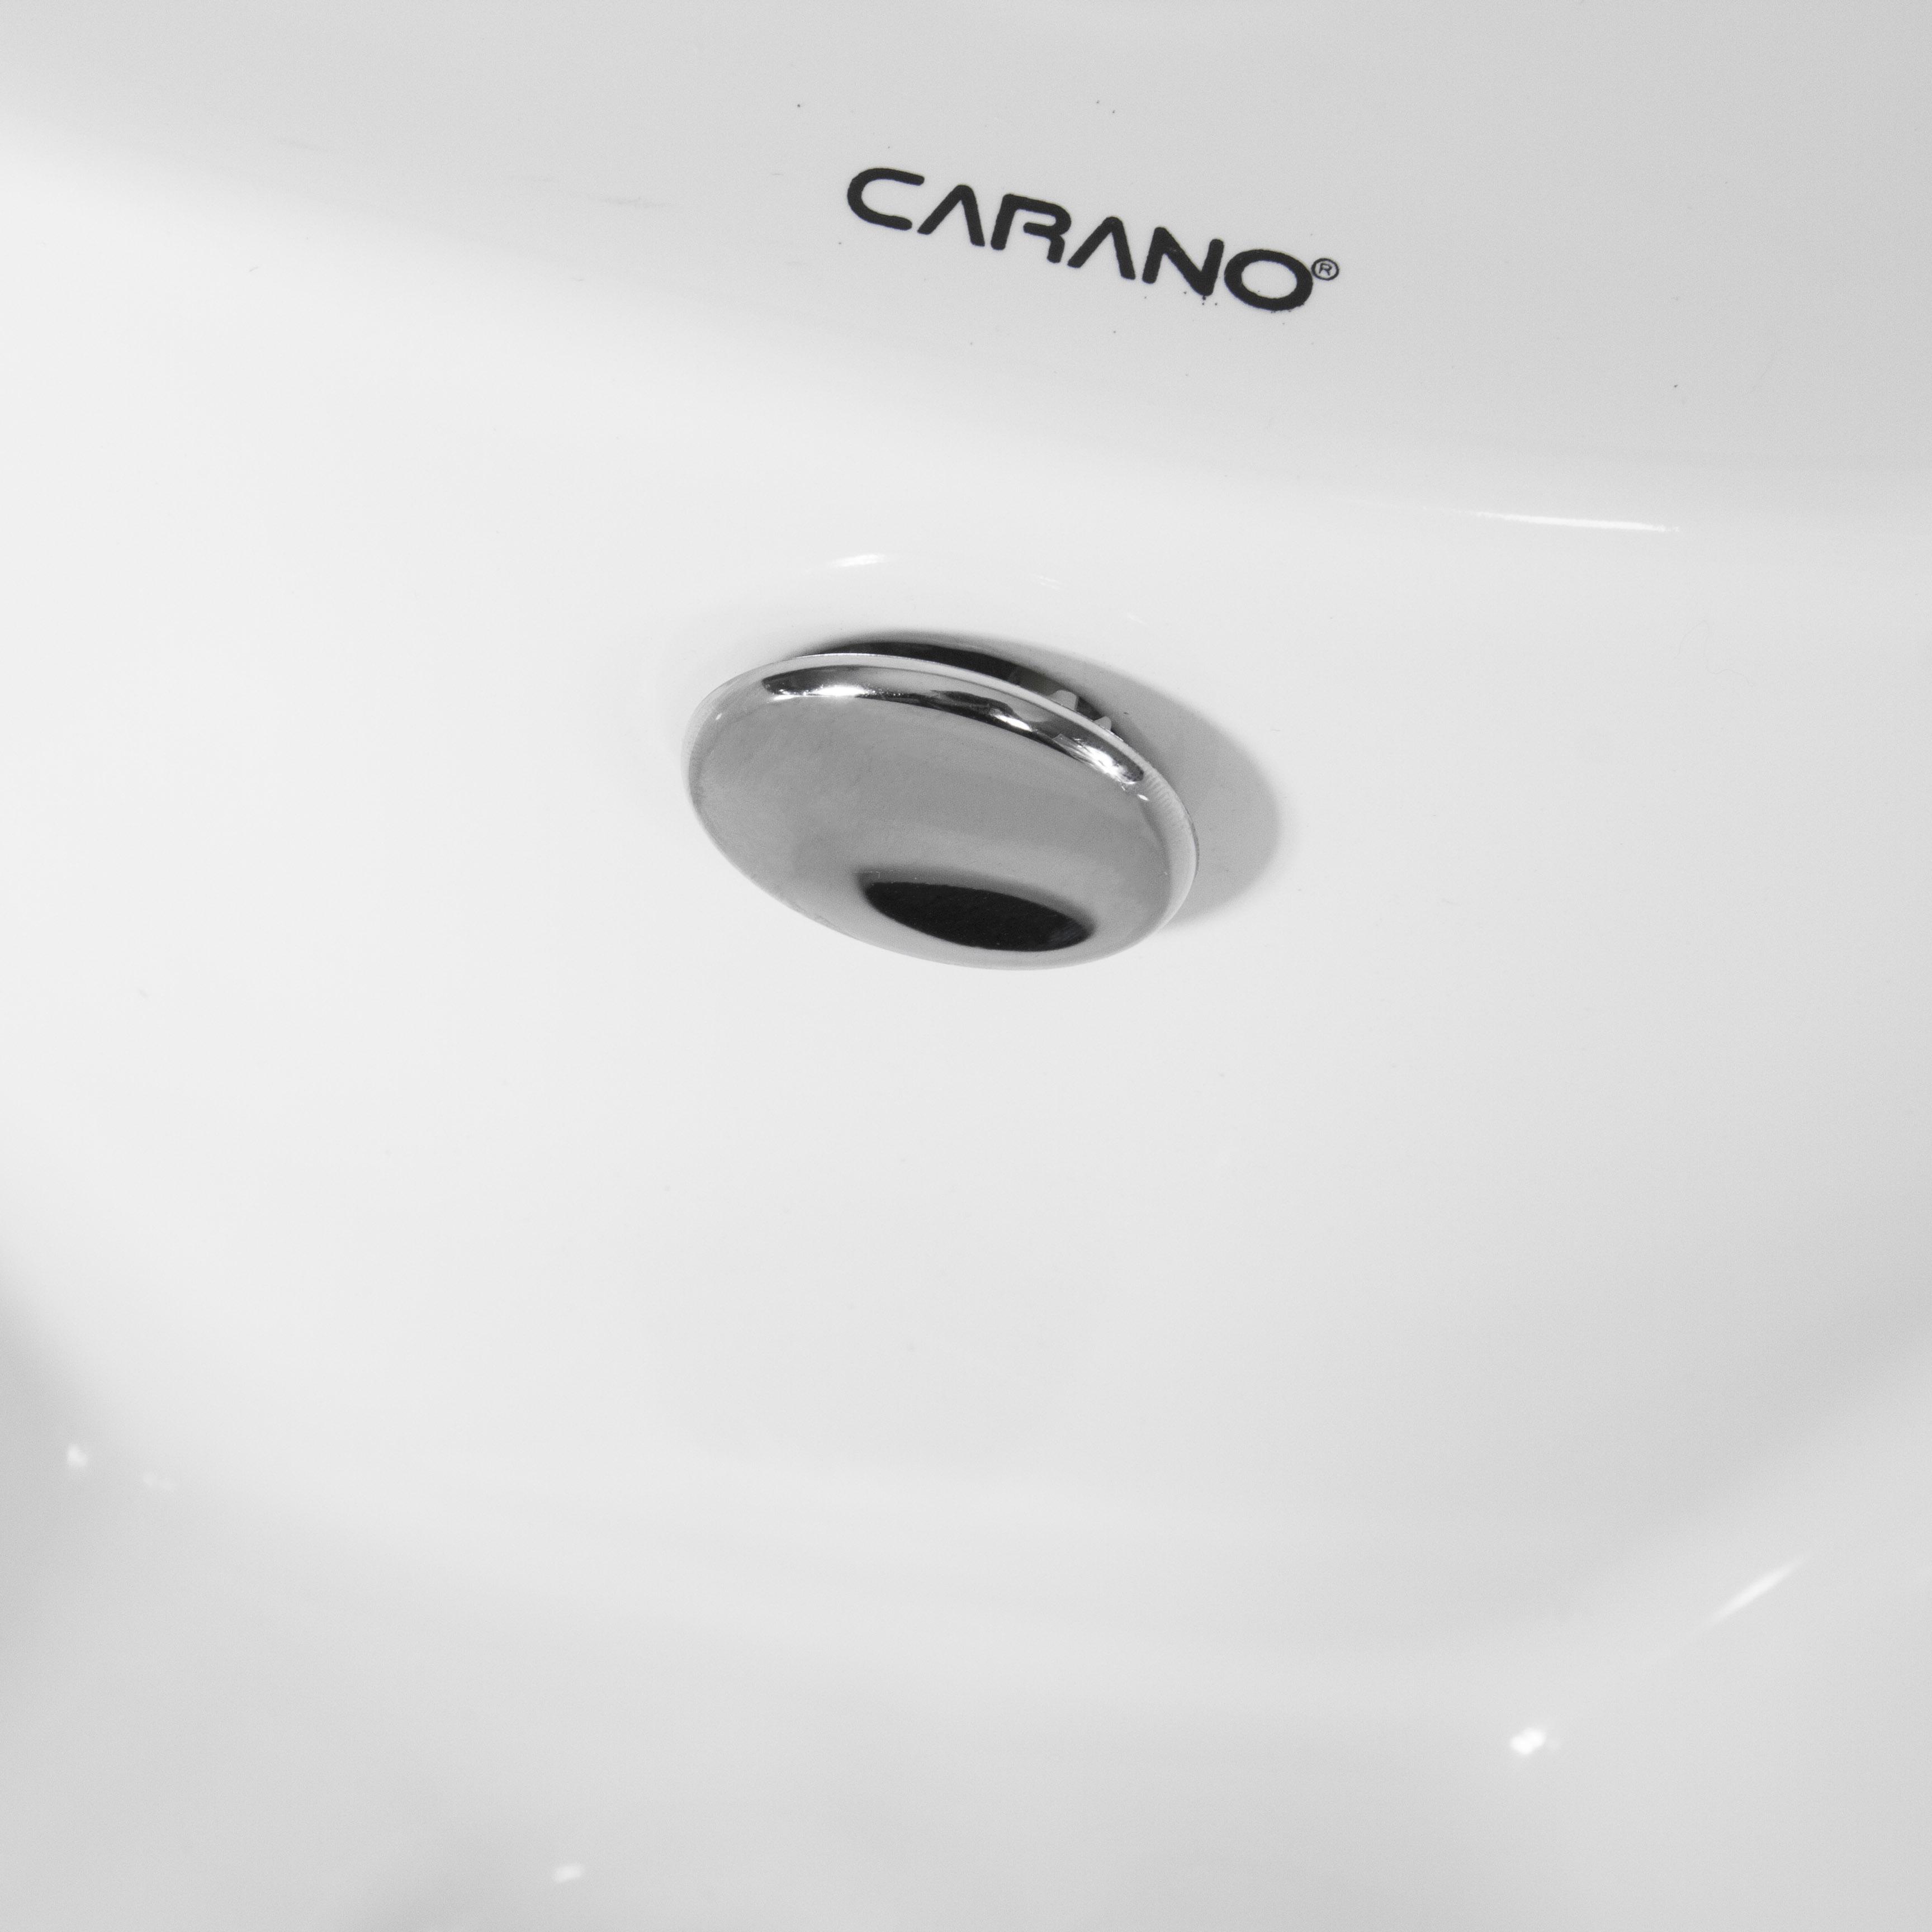 MẶT CHẬU RỬA CARANO K43B2 ( MẶT LAVABO MODEL: K43B2 )